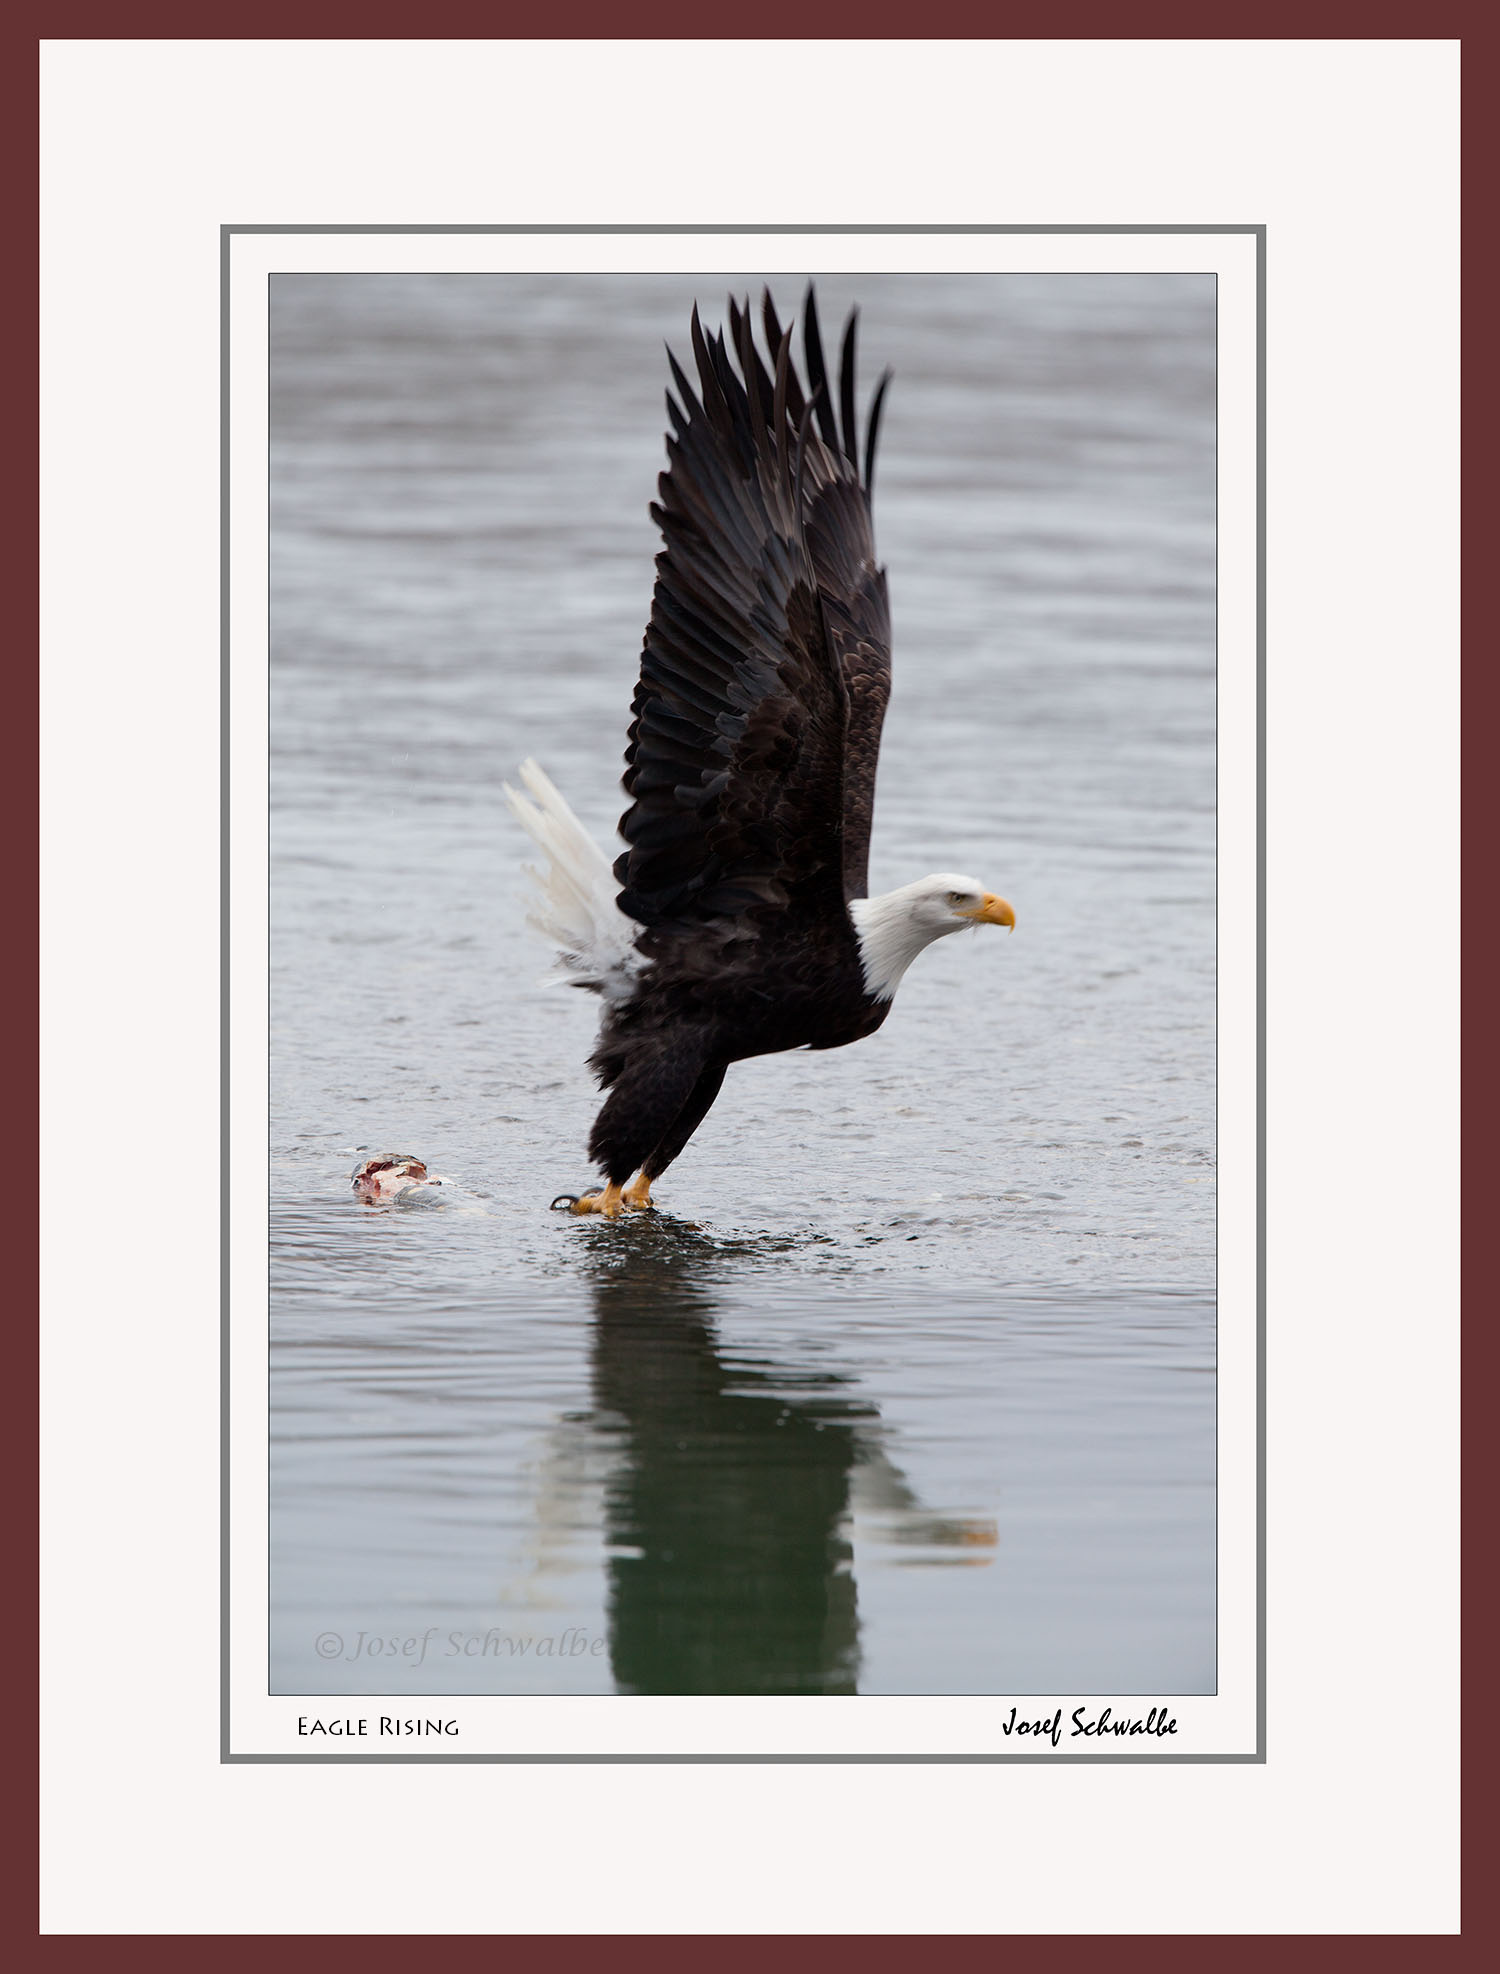 Eagle Rising